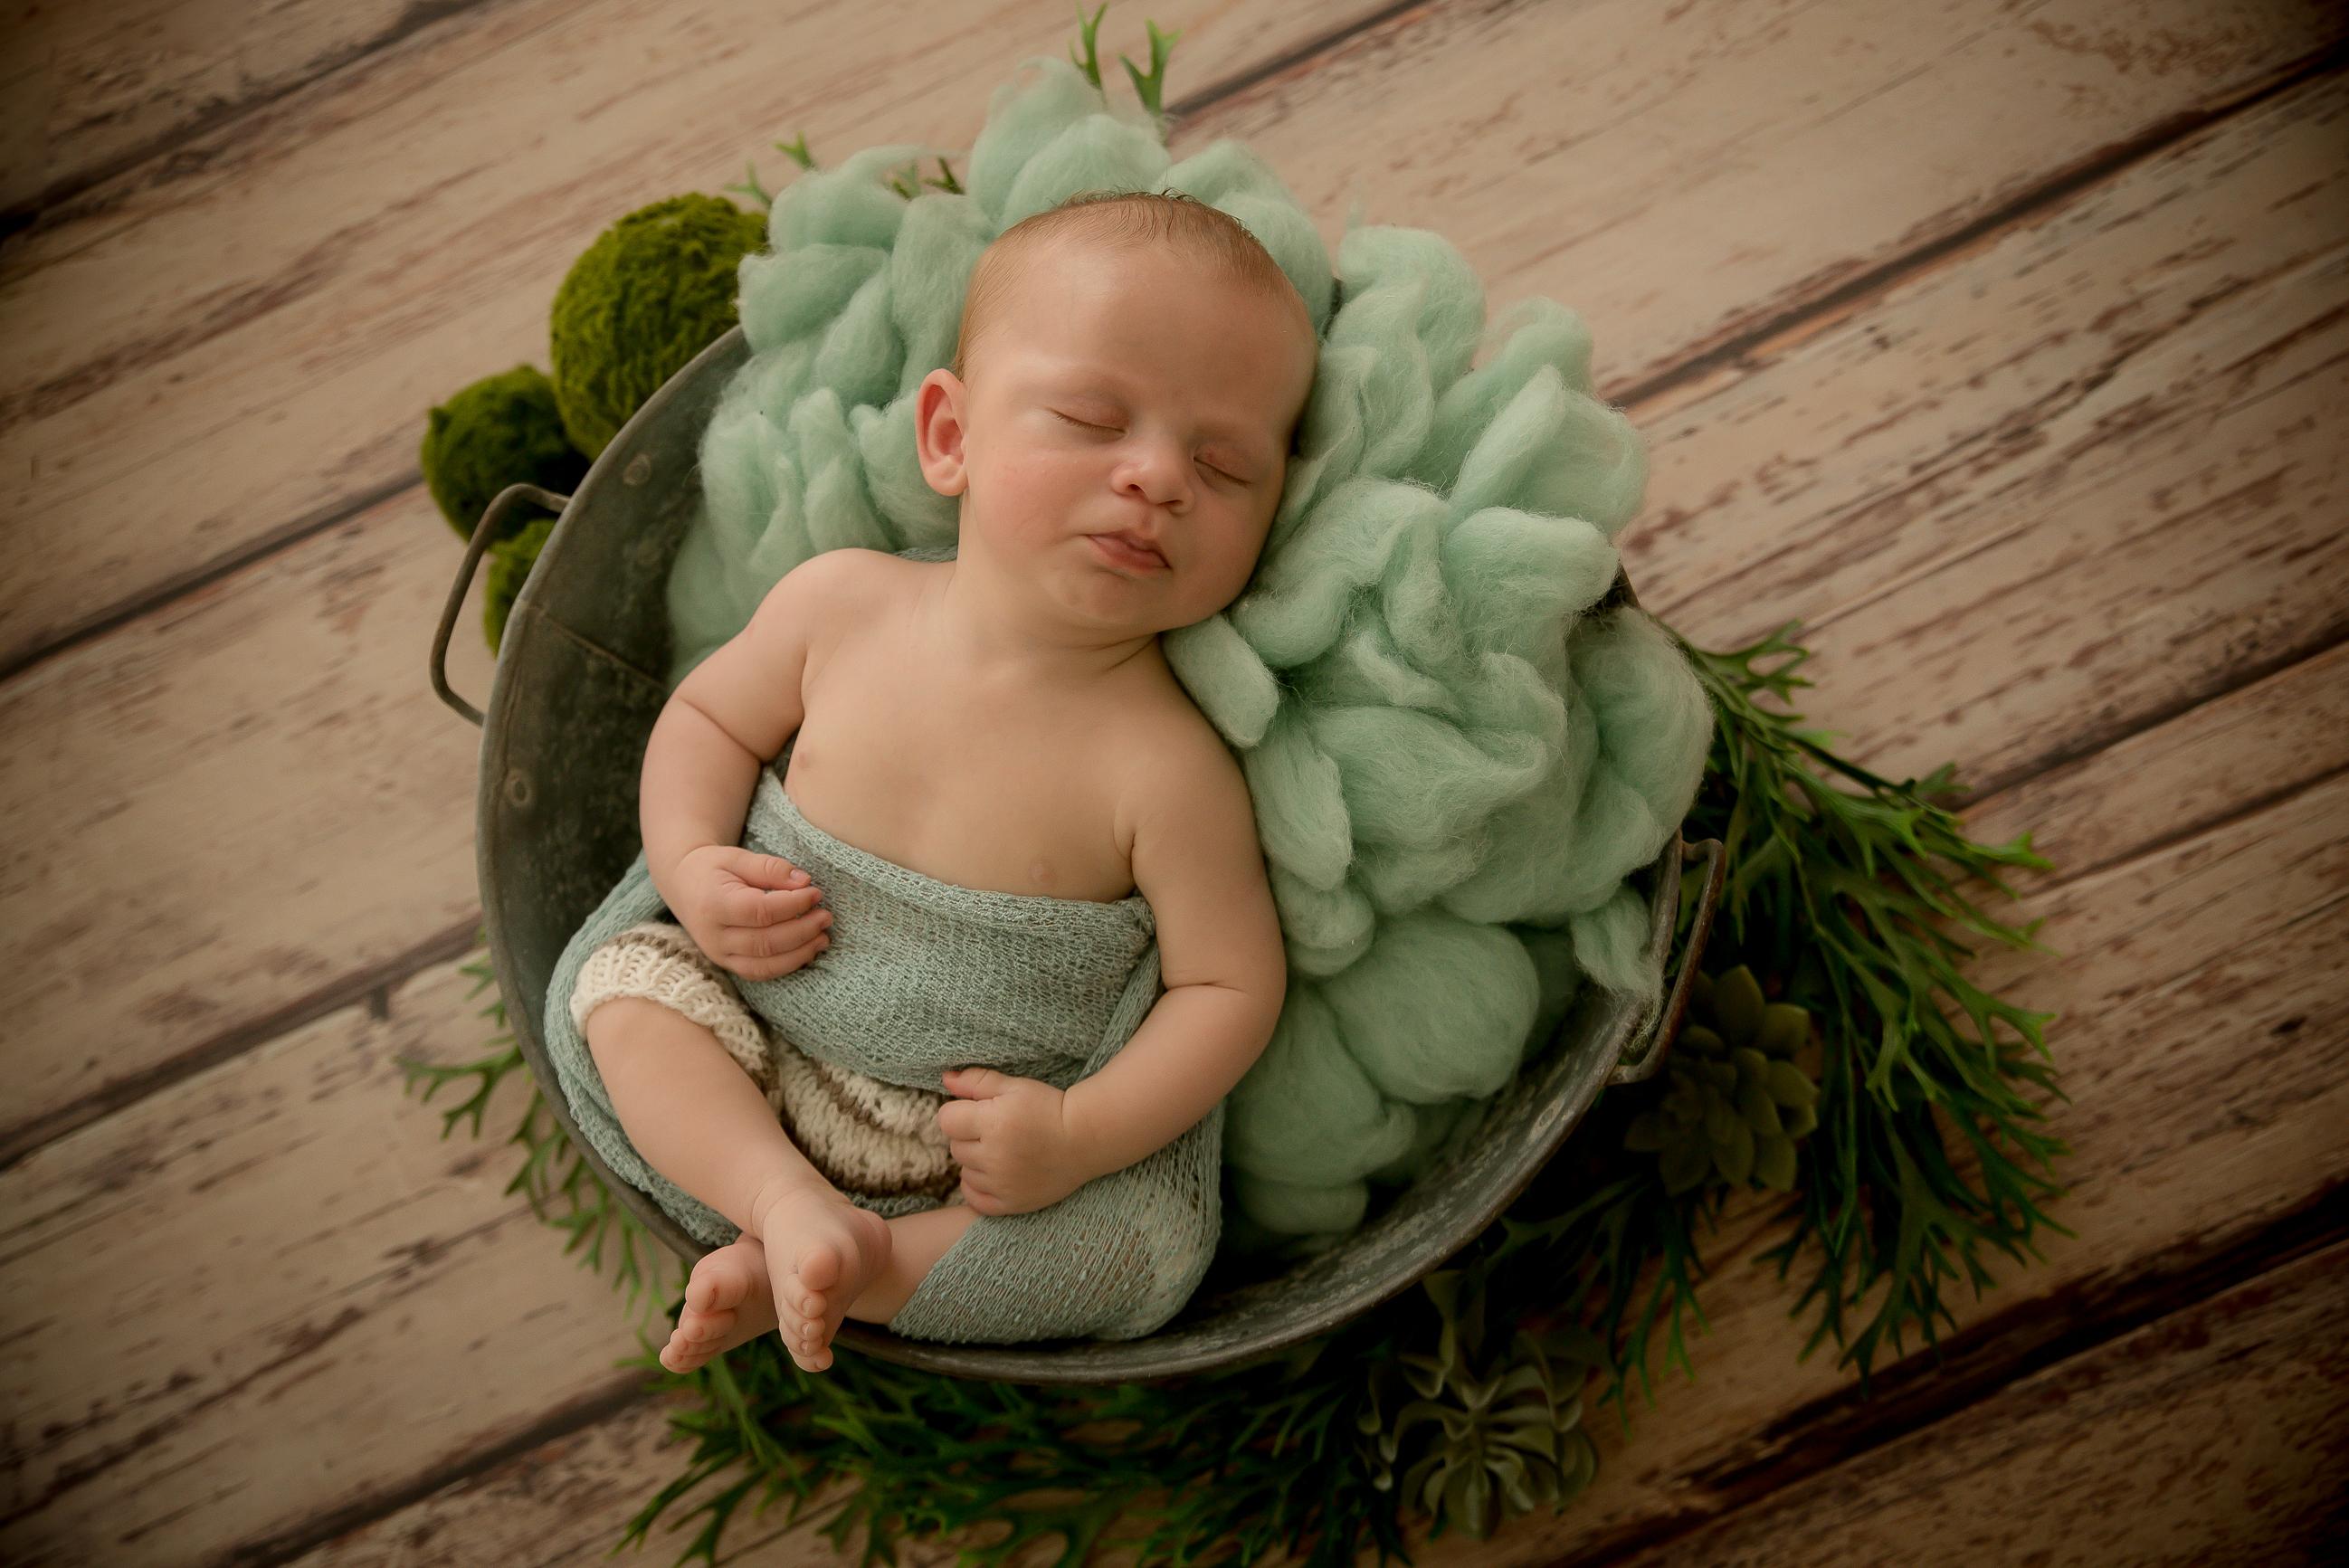 bébé dans une bassine